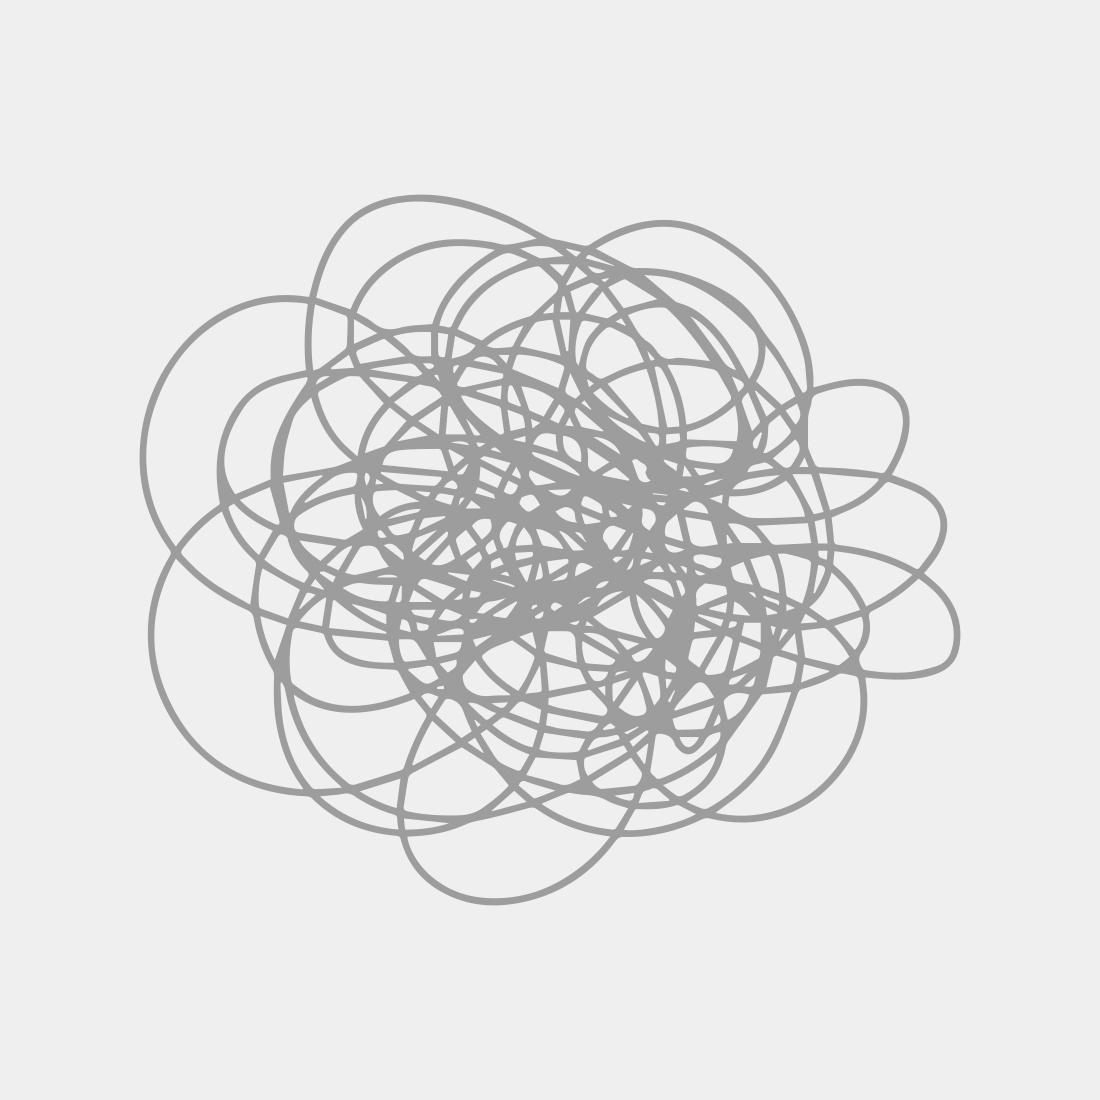 Evening Star Gillian Ayres RA Christmas Card Pack of Ten